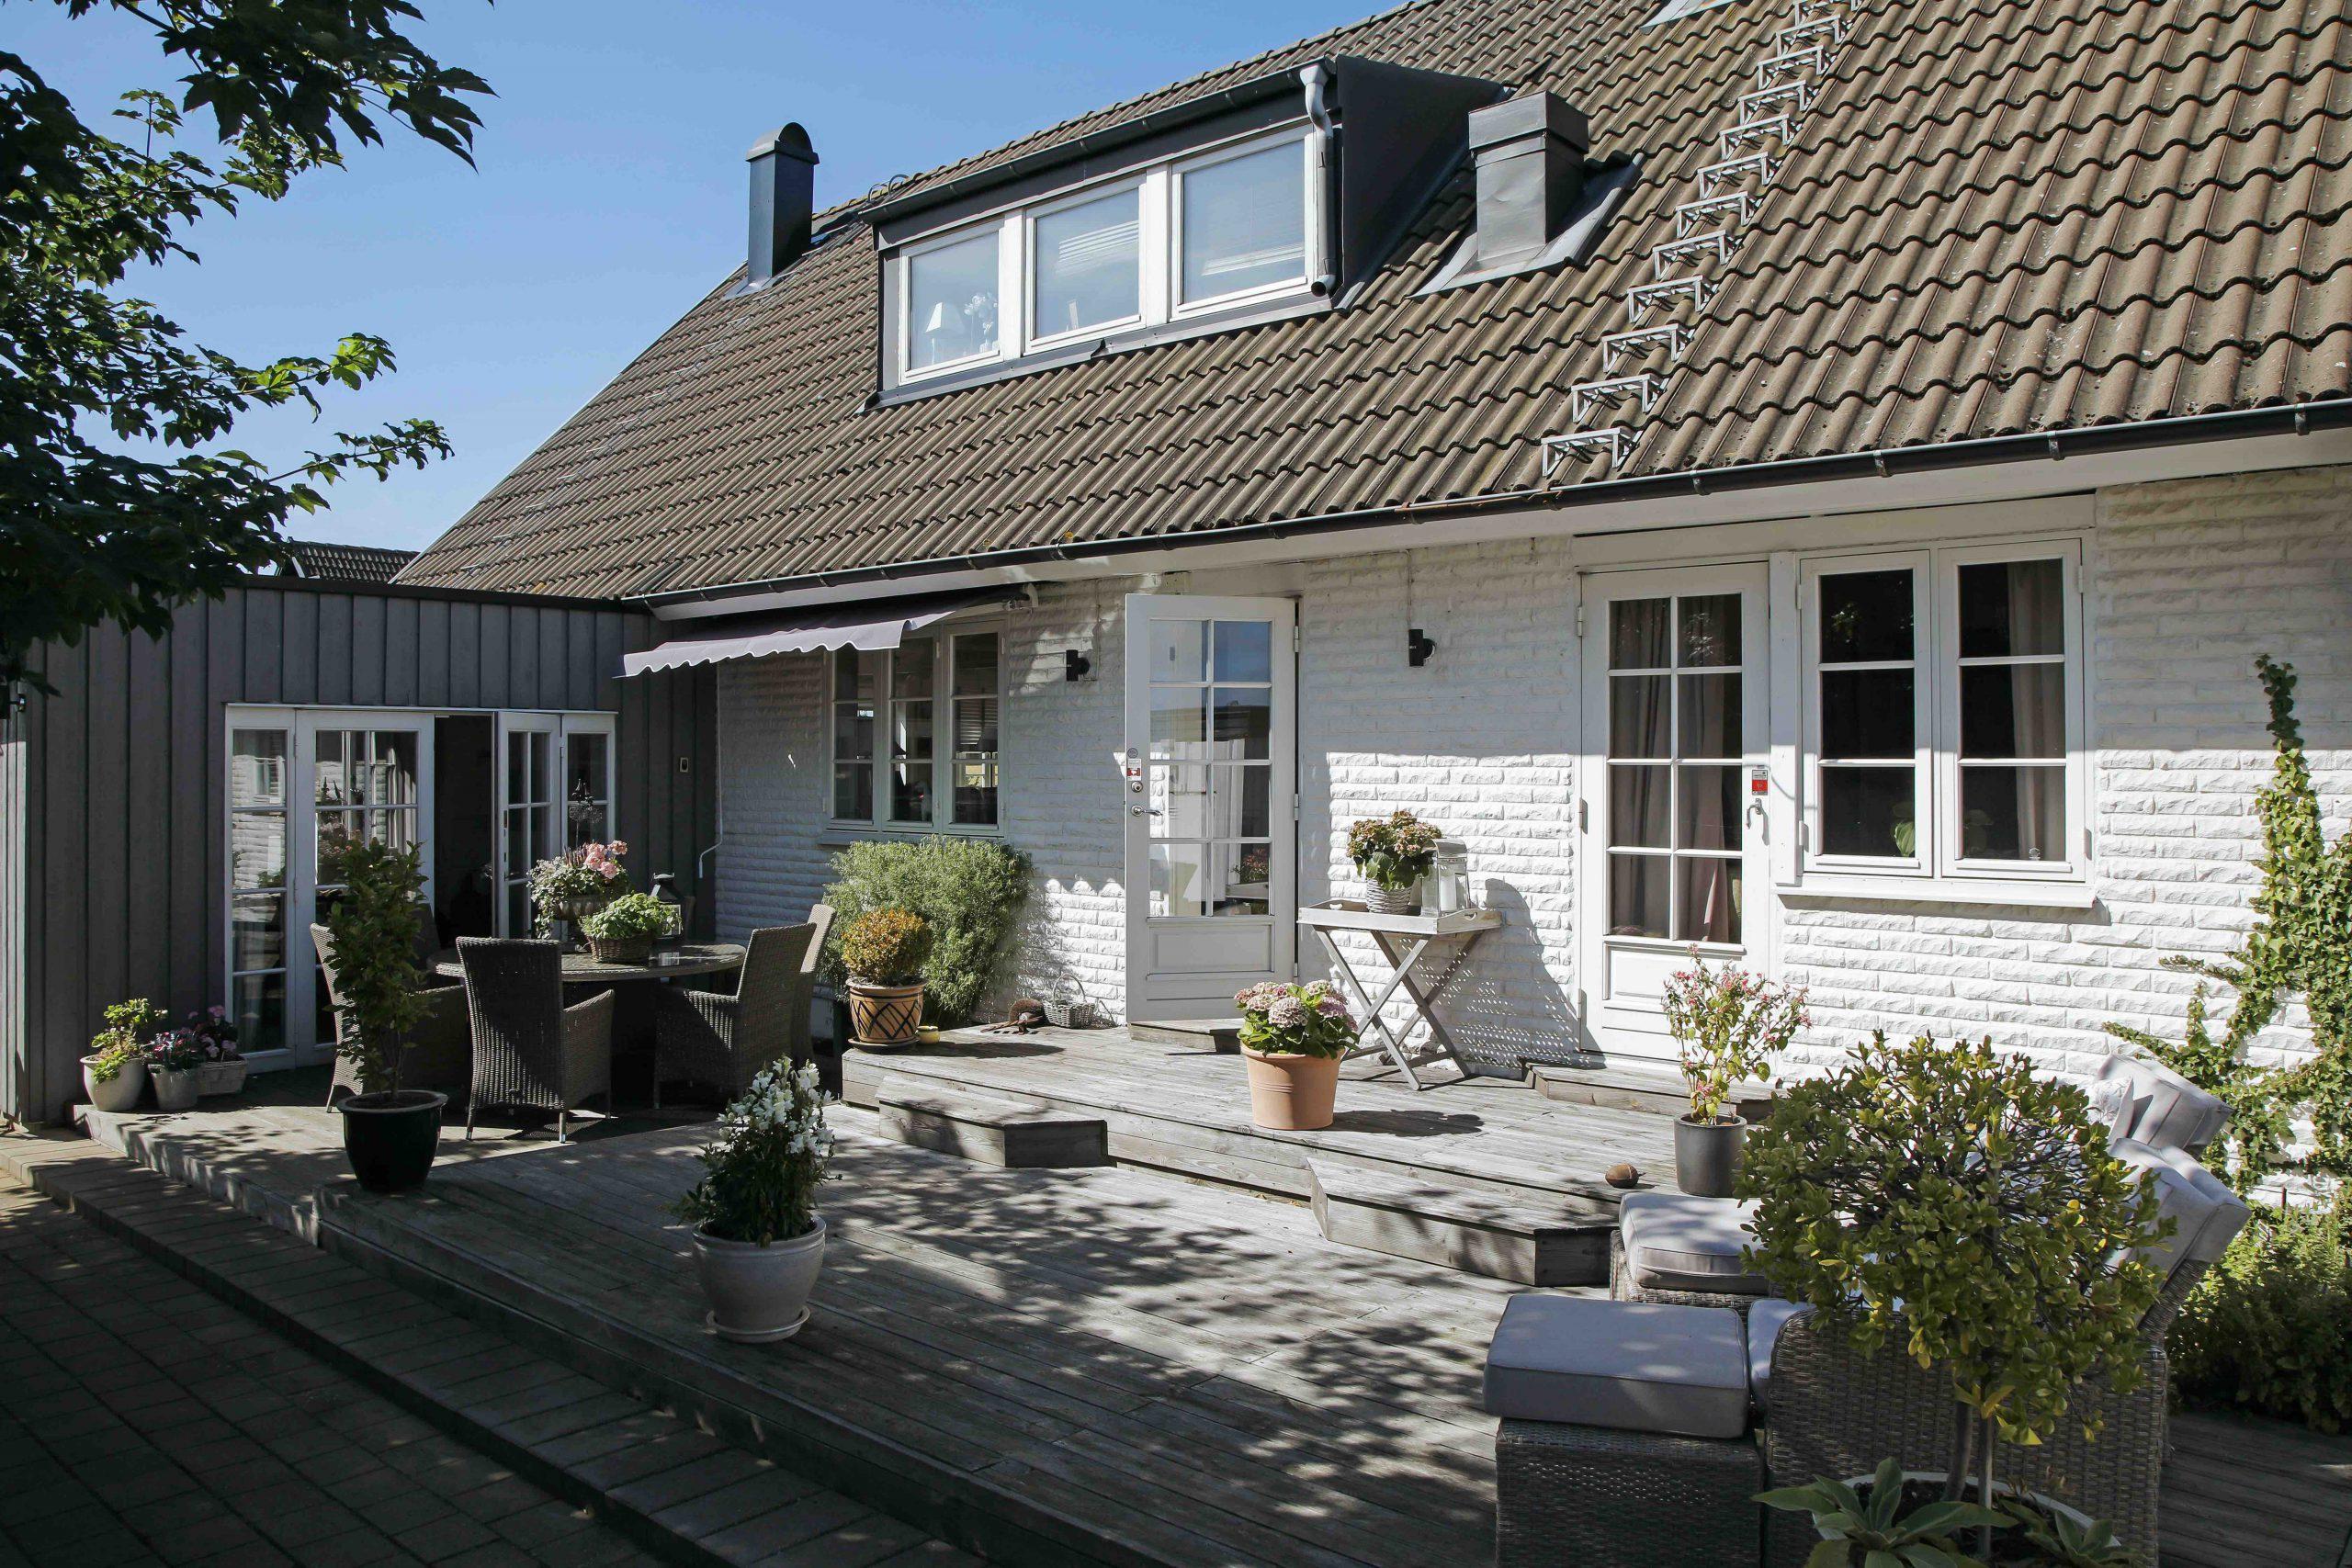 Jakobssons Bjäremäklaren - Exklusiva fastighetsmäklare - När du söker exklusiva hem och ett riktigt drömboende i Båstad och Torekov.